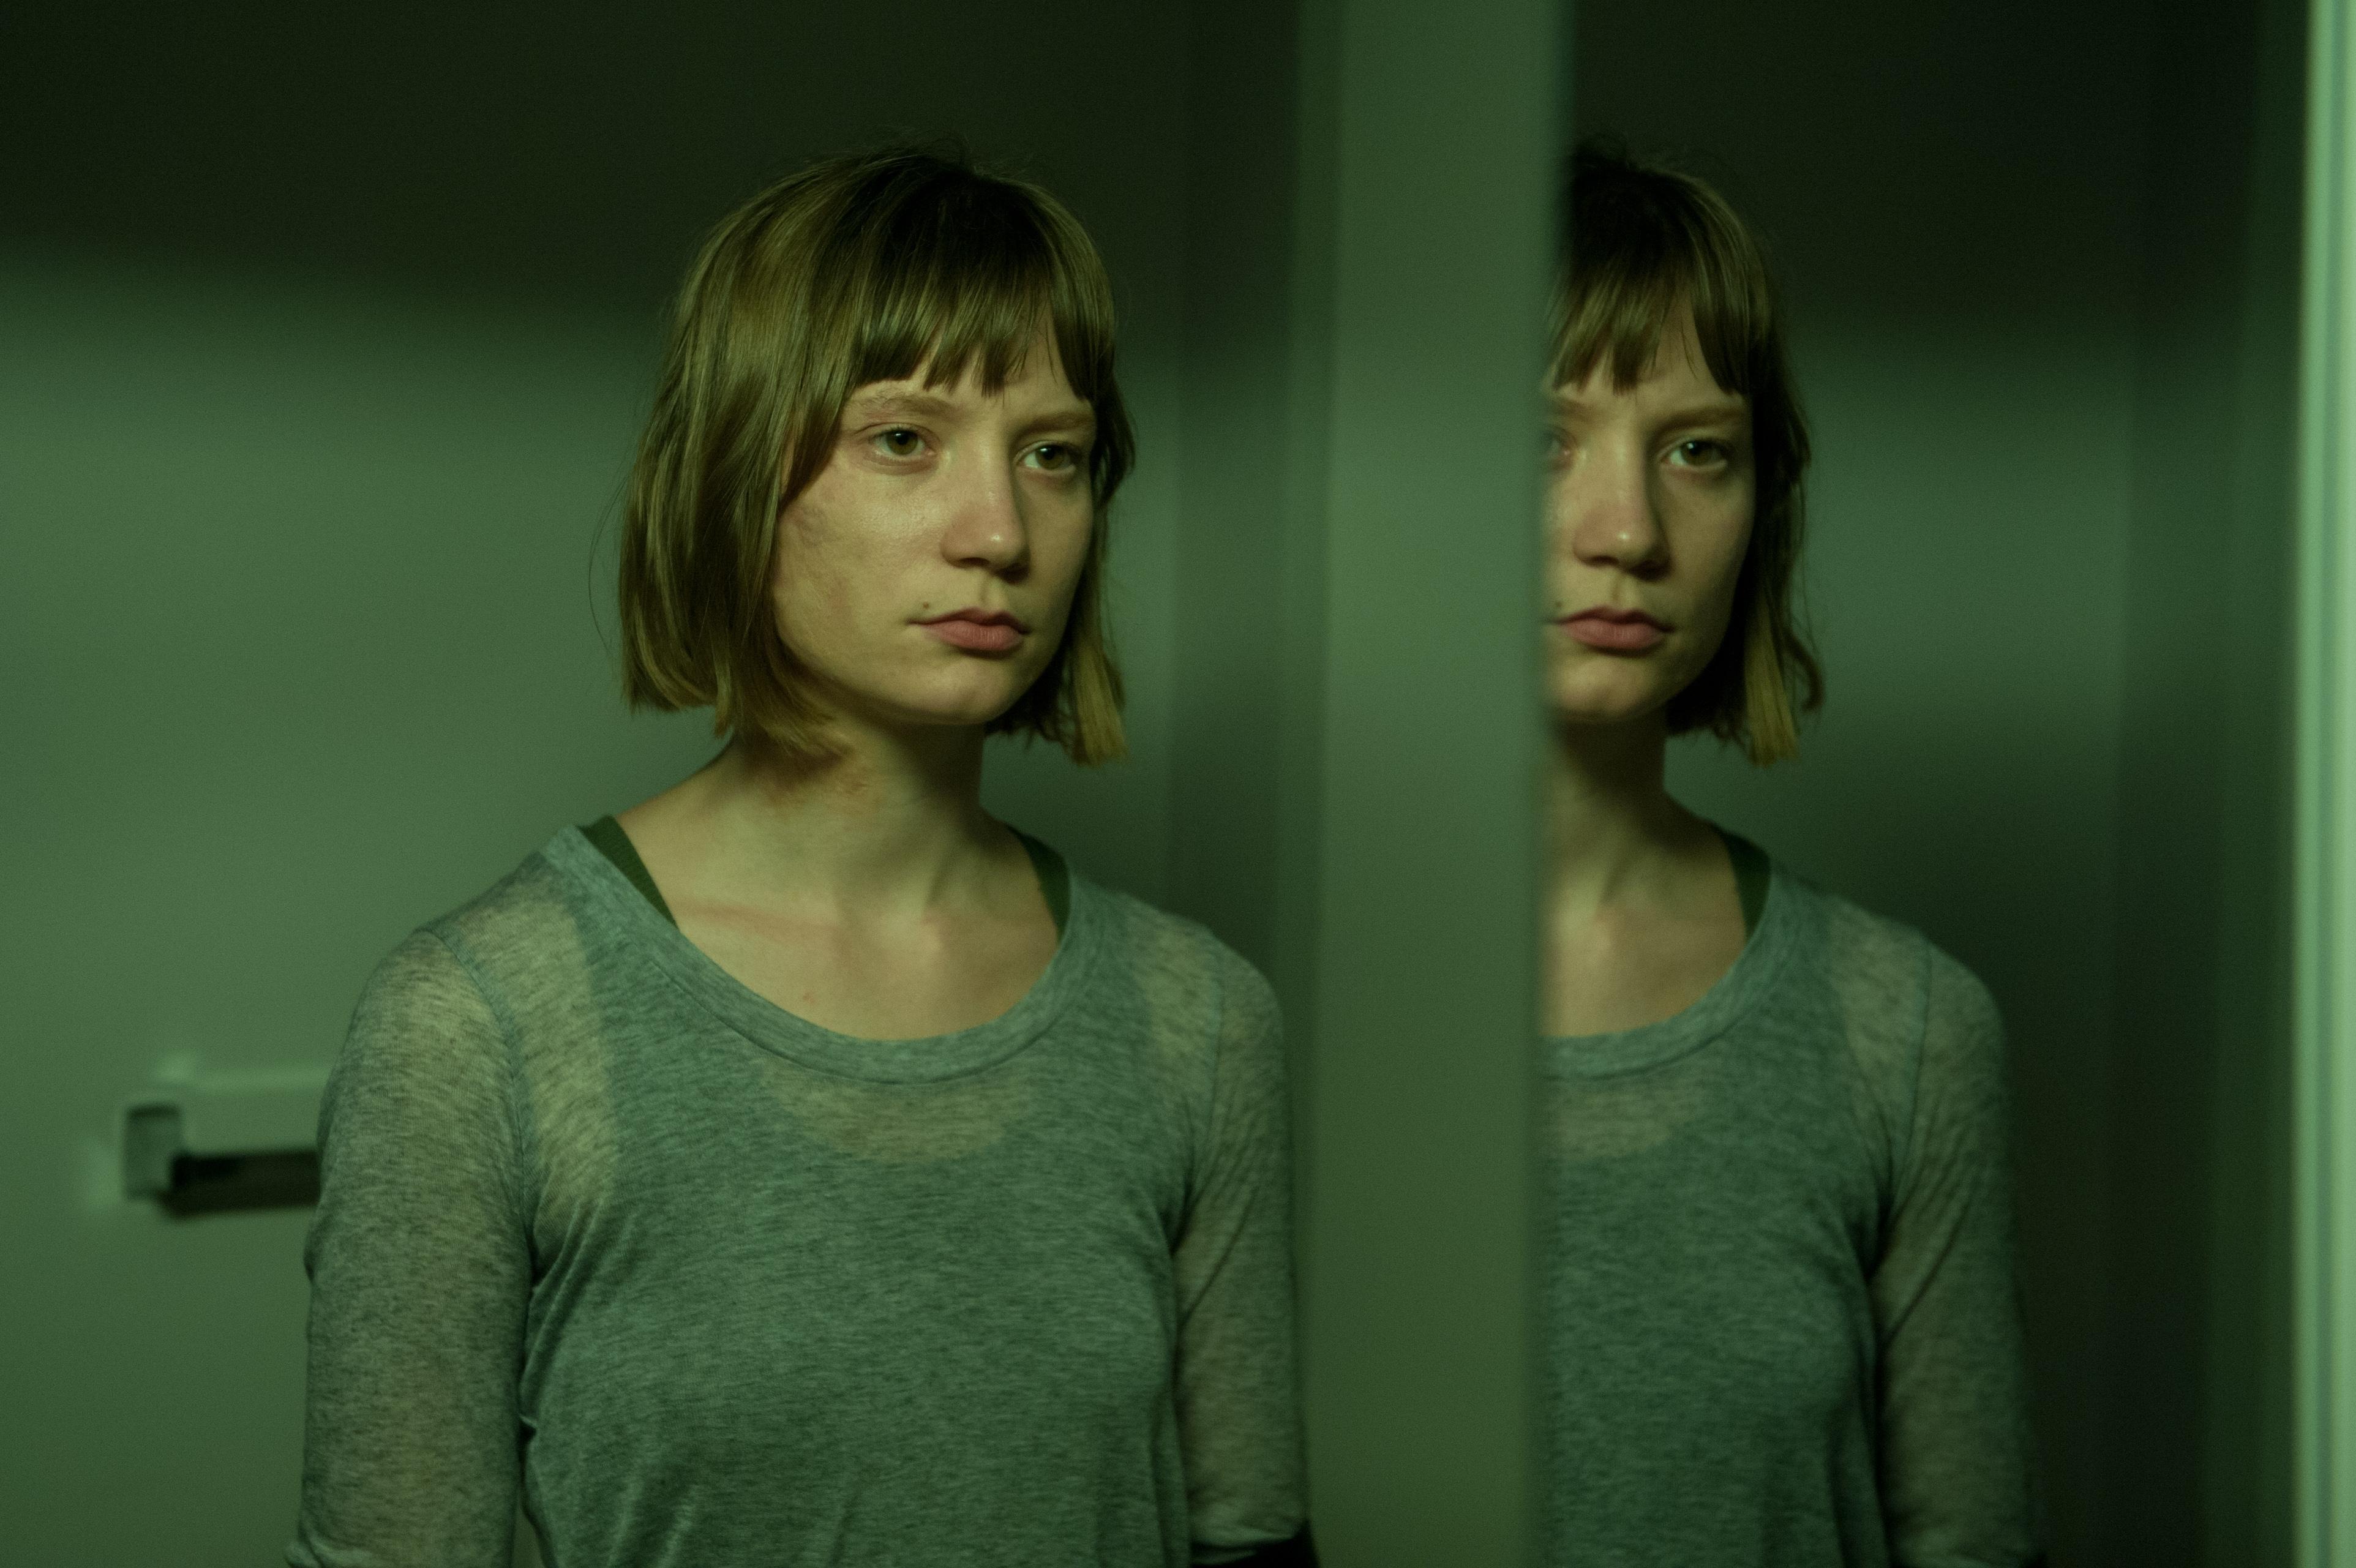 Maps to the stars: Mia Wasikowska in una scena del film